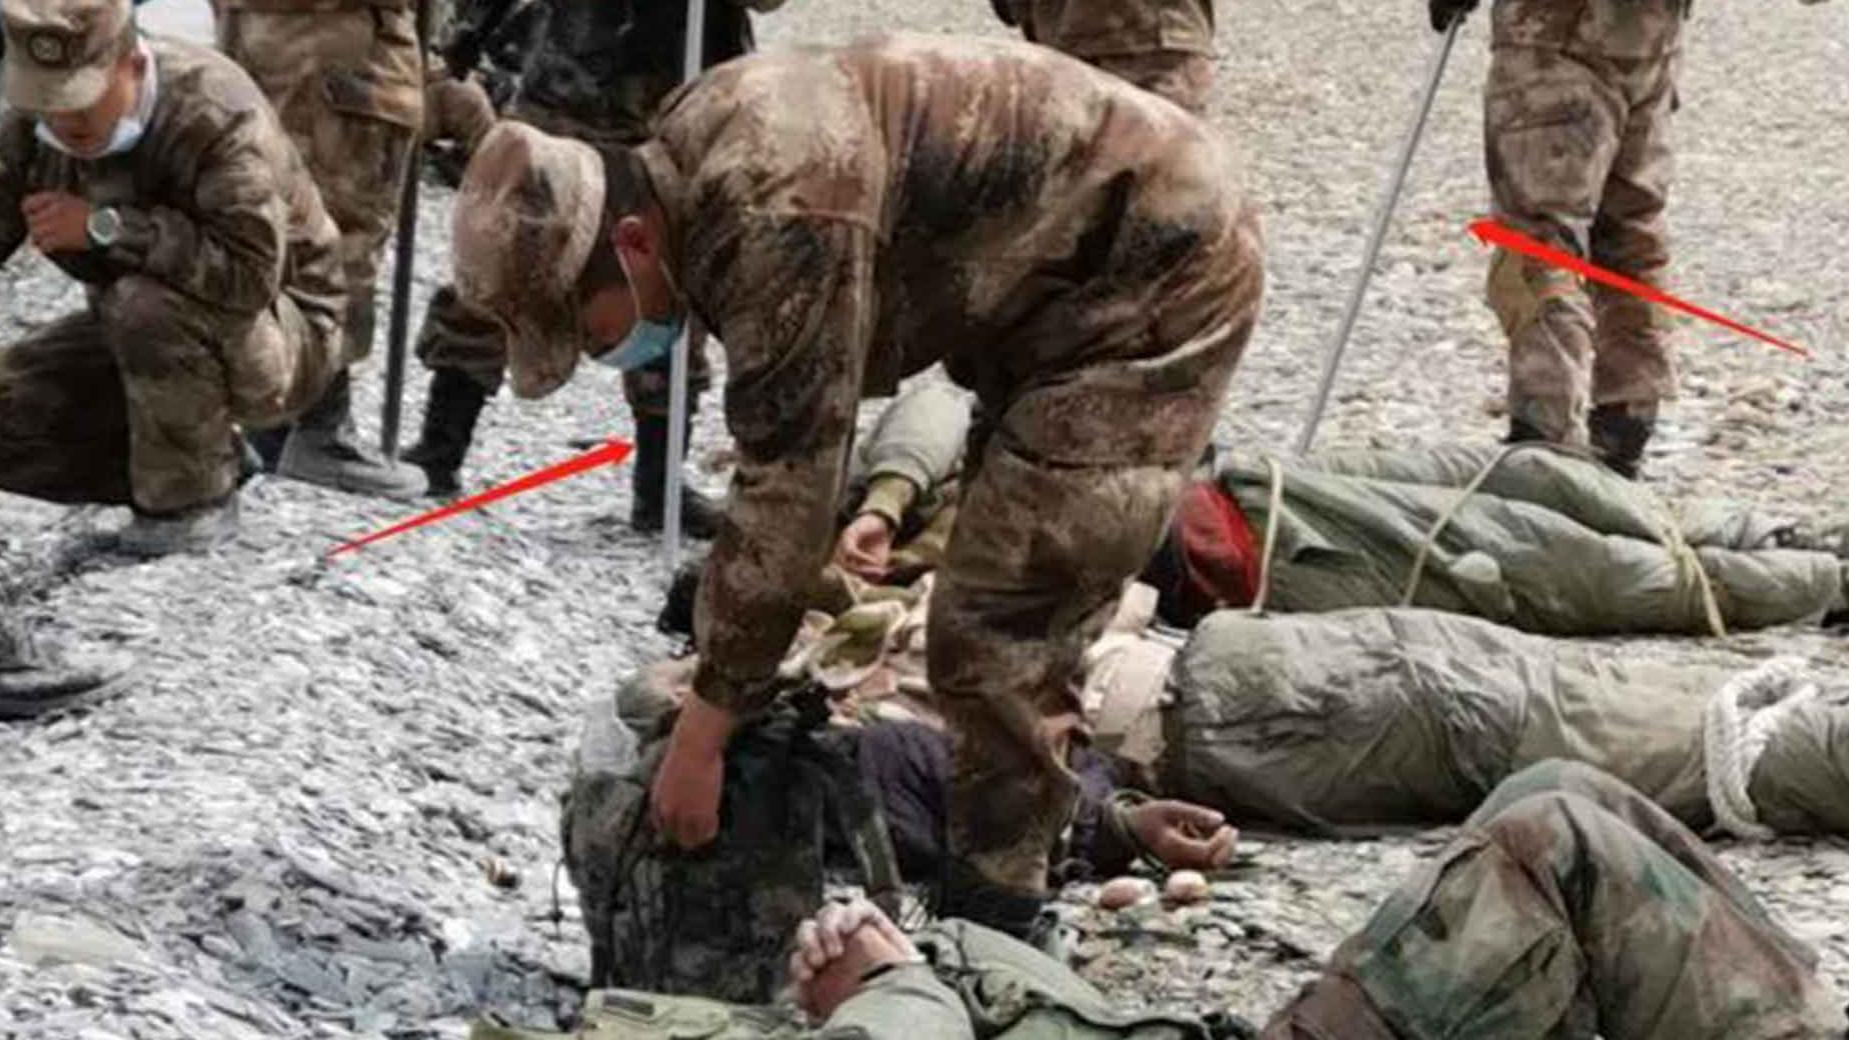 不知天高地厚,印度军队再次袭扰中国边境,却被中国军队狠狠教训